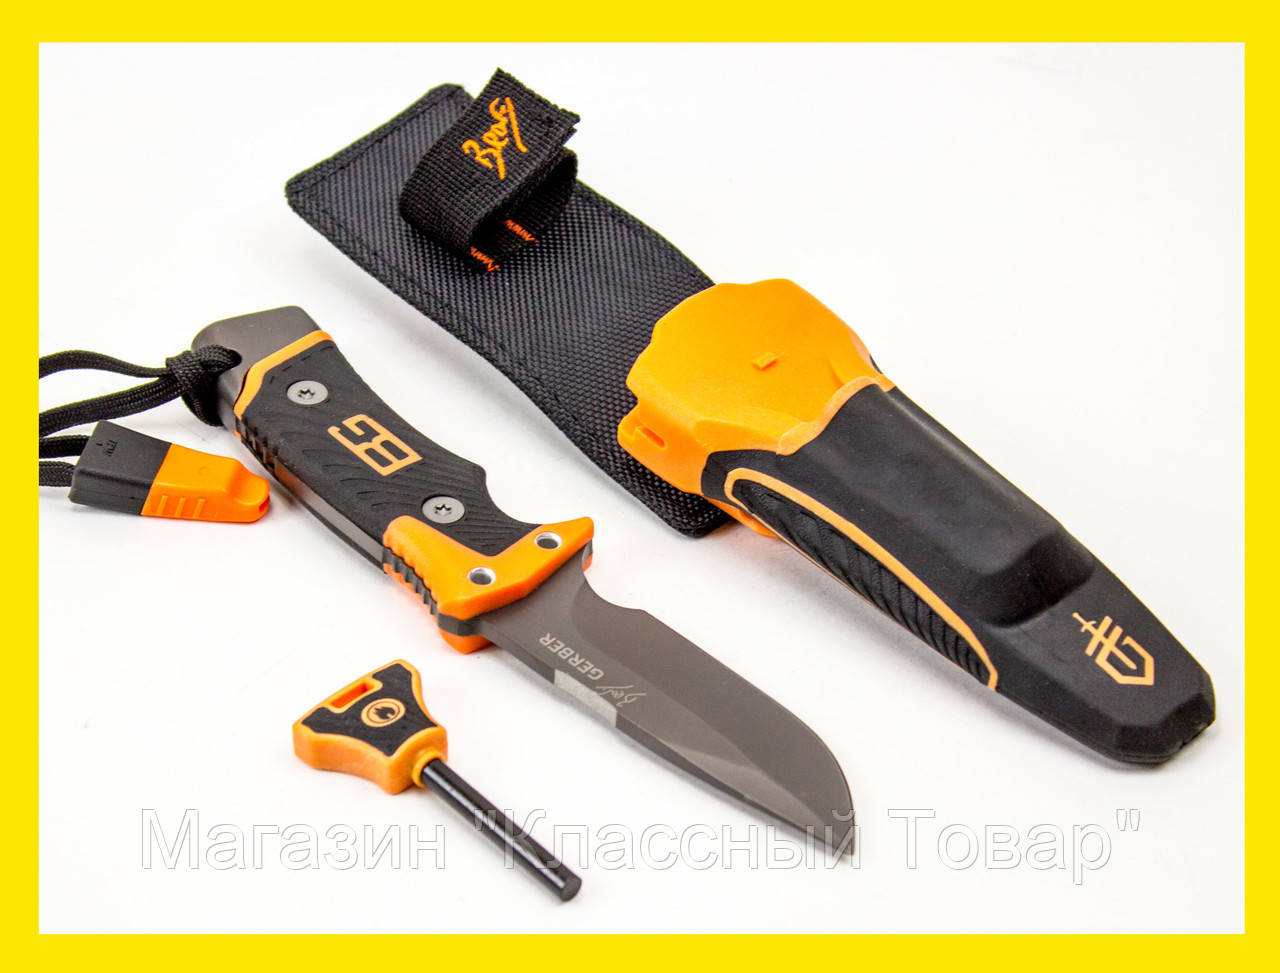 Нож Gerber Bear Grylls с огнивом!Лучший подарок